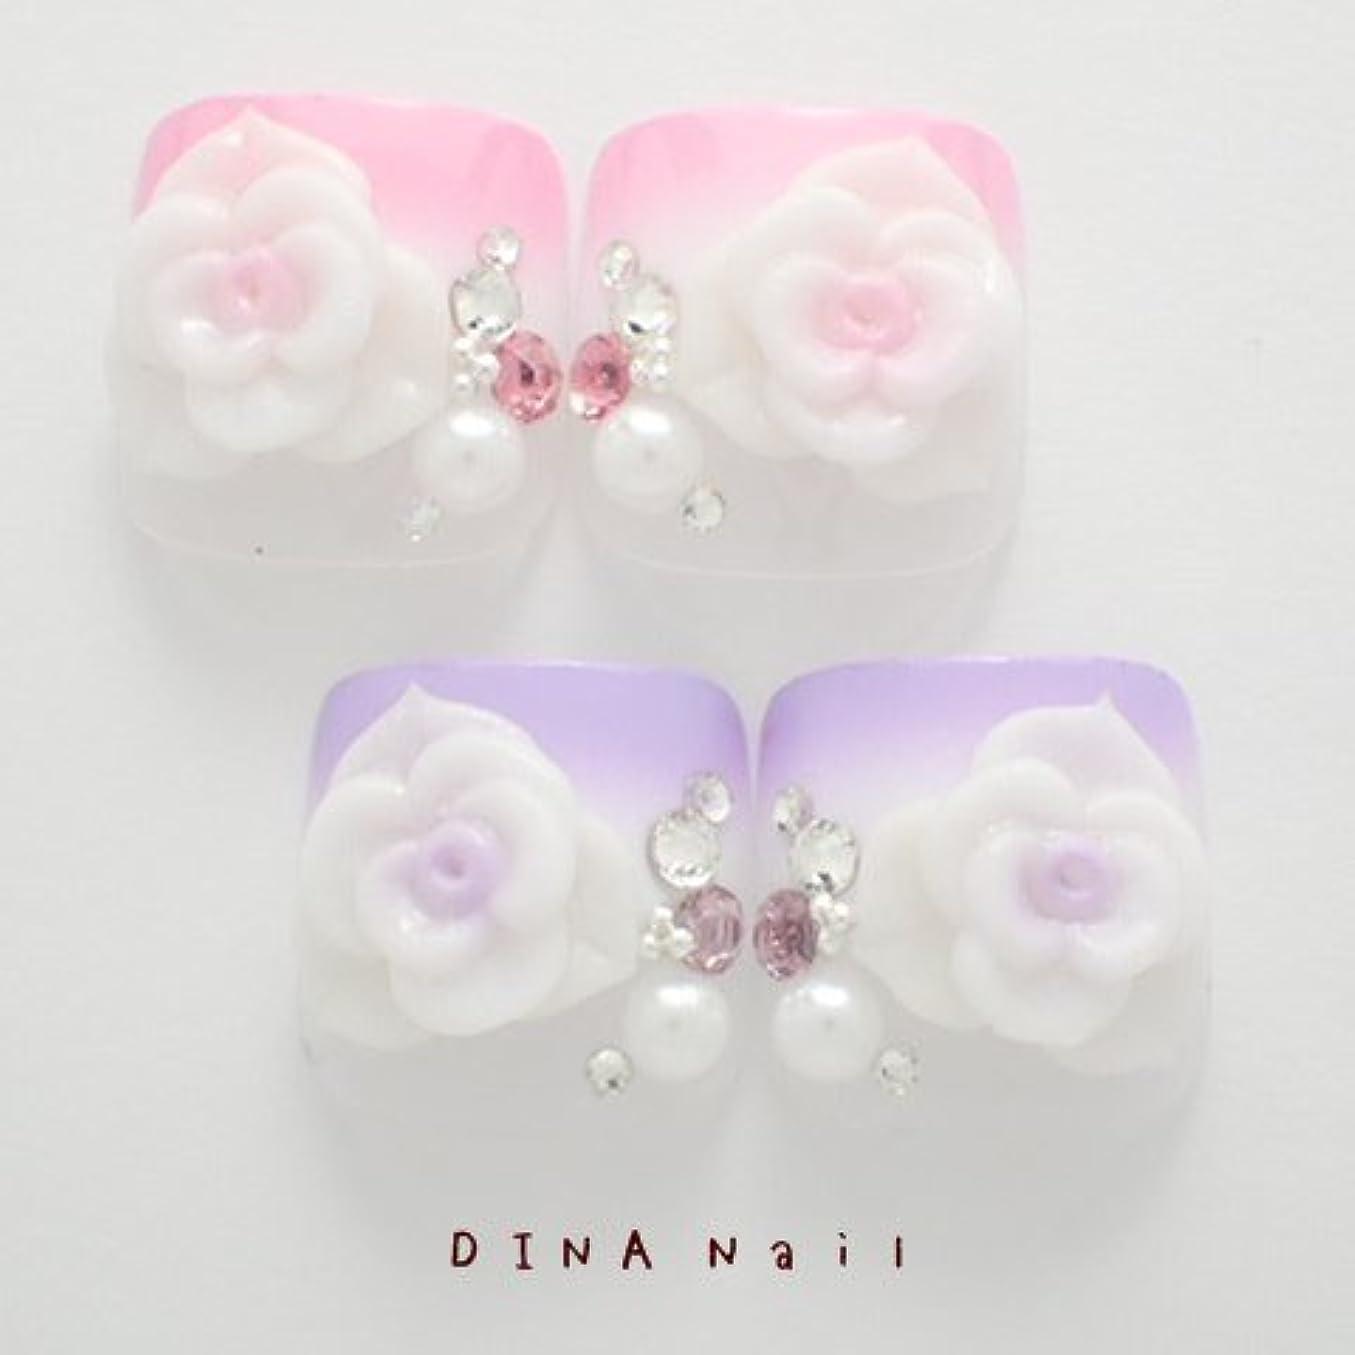 同行わかりやすいツインDINAネイル 二段グラデ薔薇 ぺディキュアS(25678番) ネイルチップ ピンク